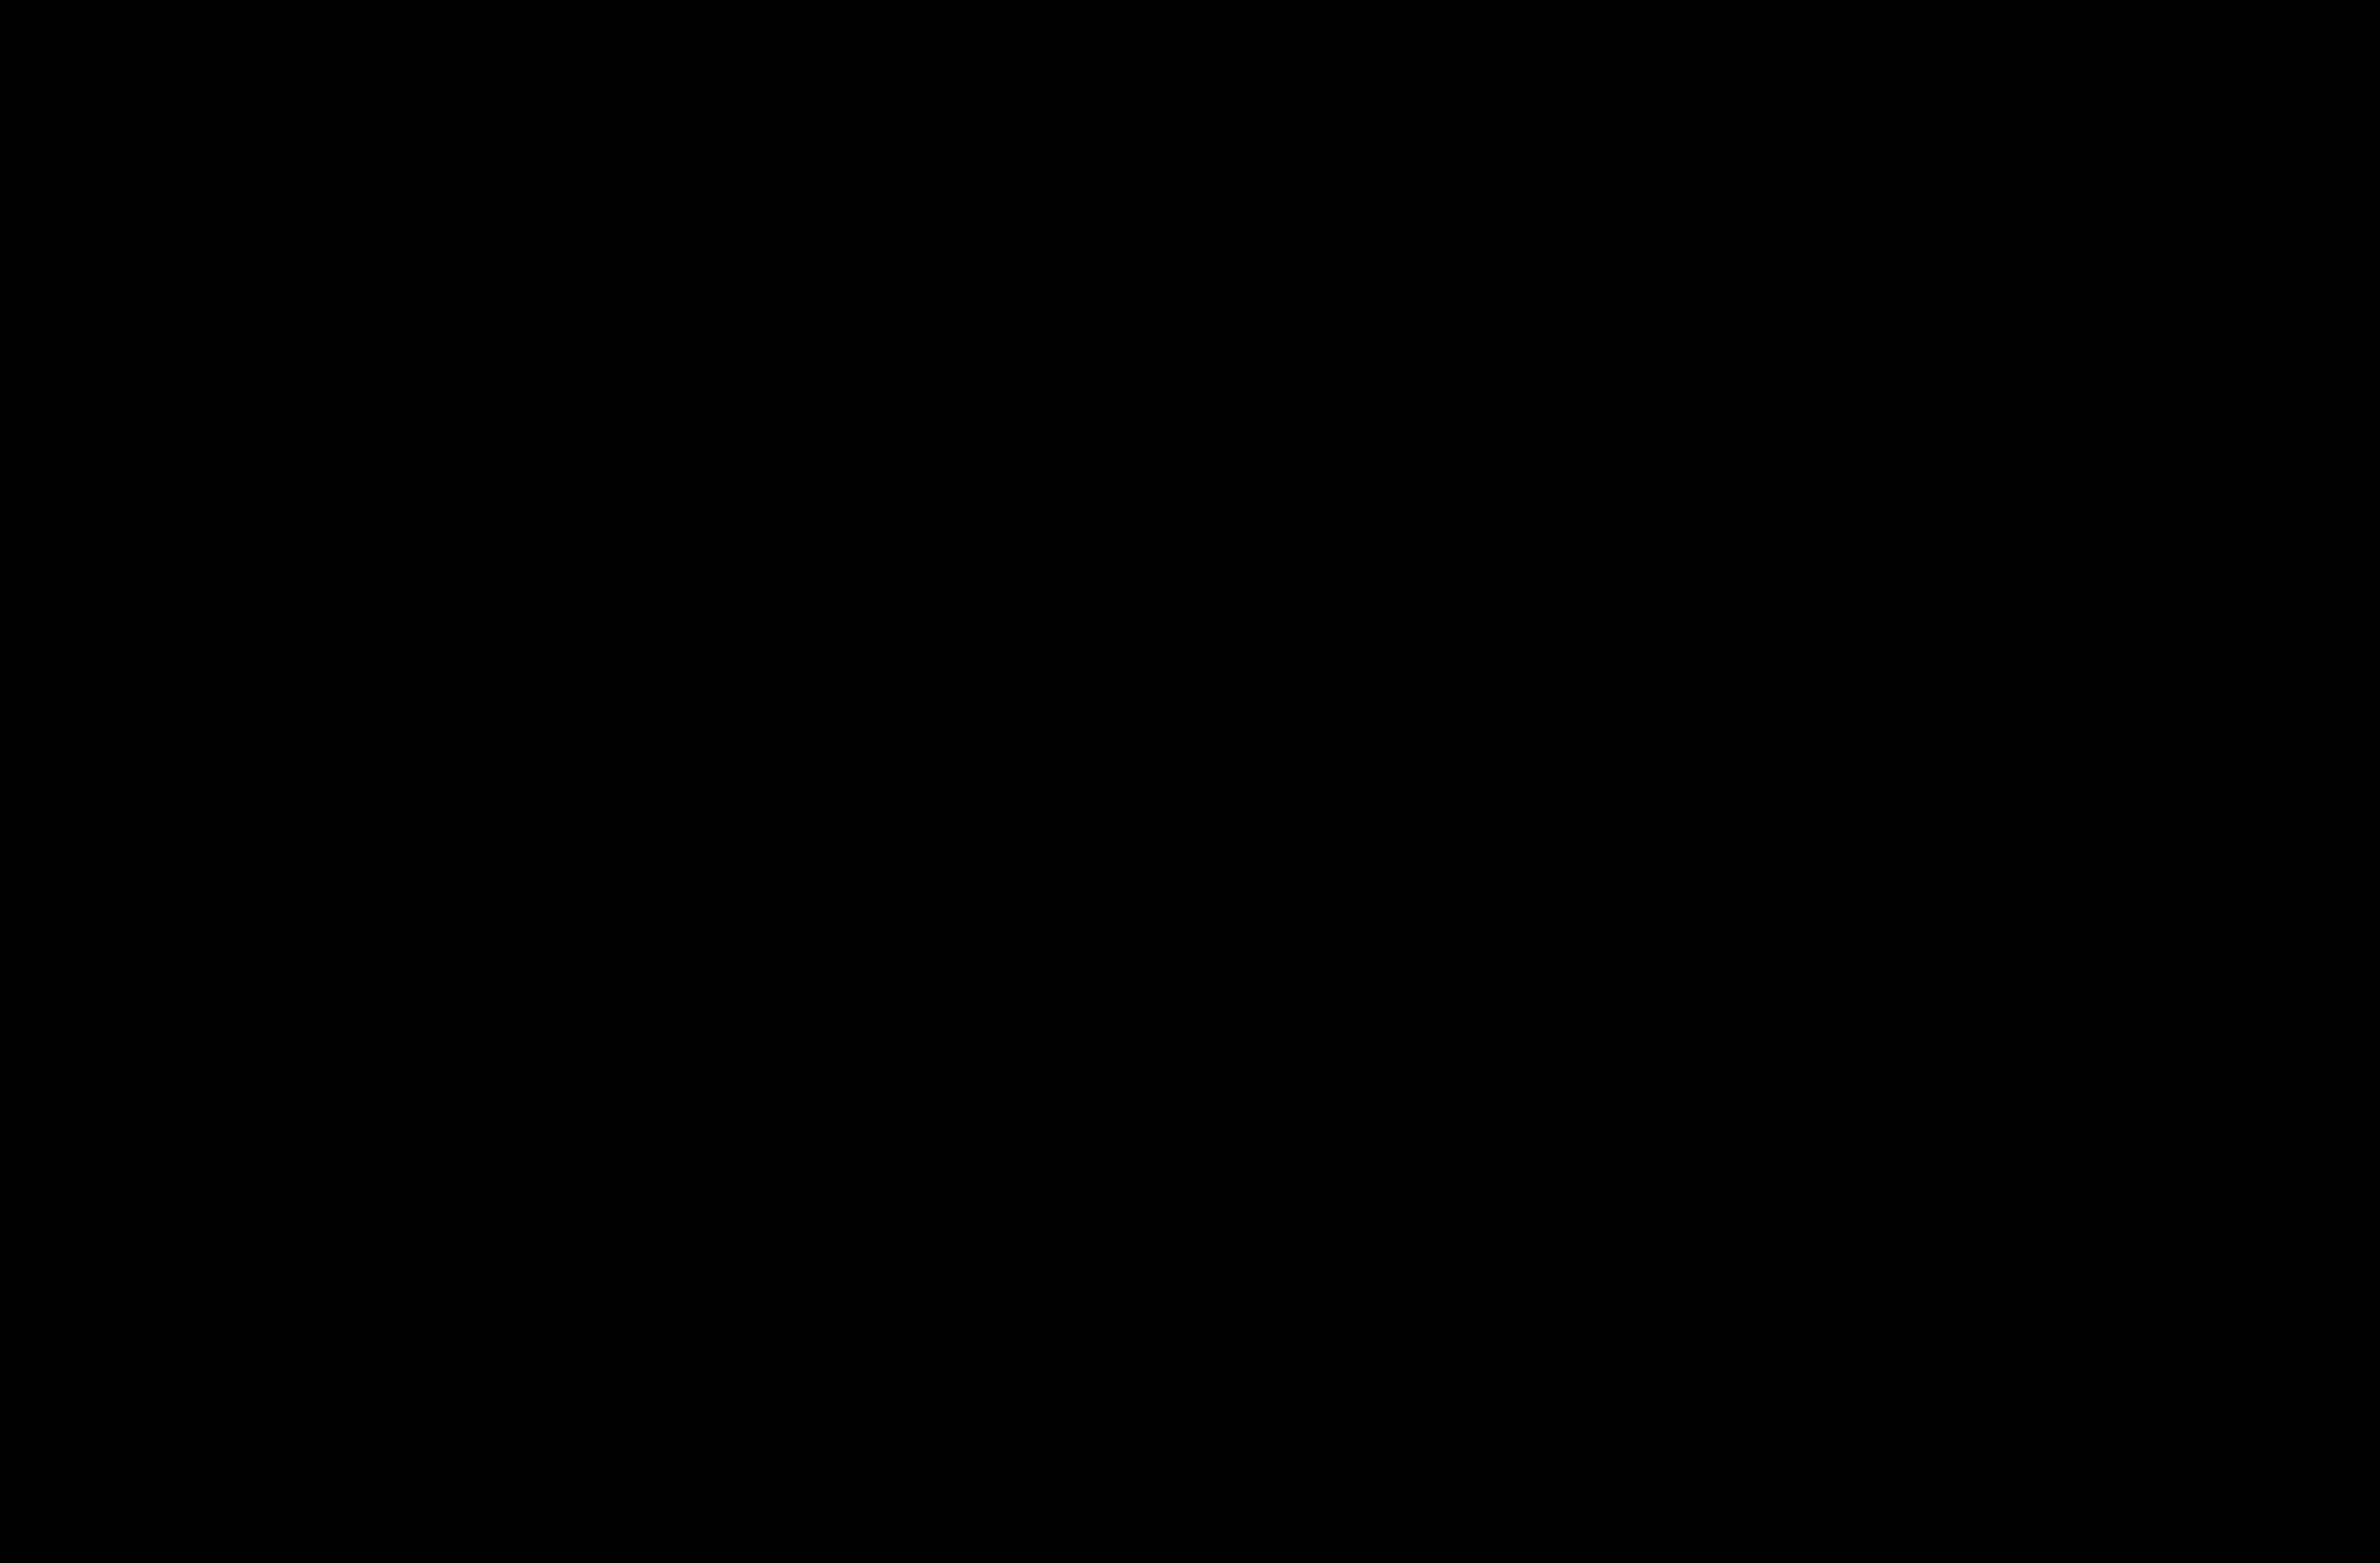 Graphique expliquant le phénomène de la pluie verglaçante